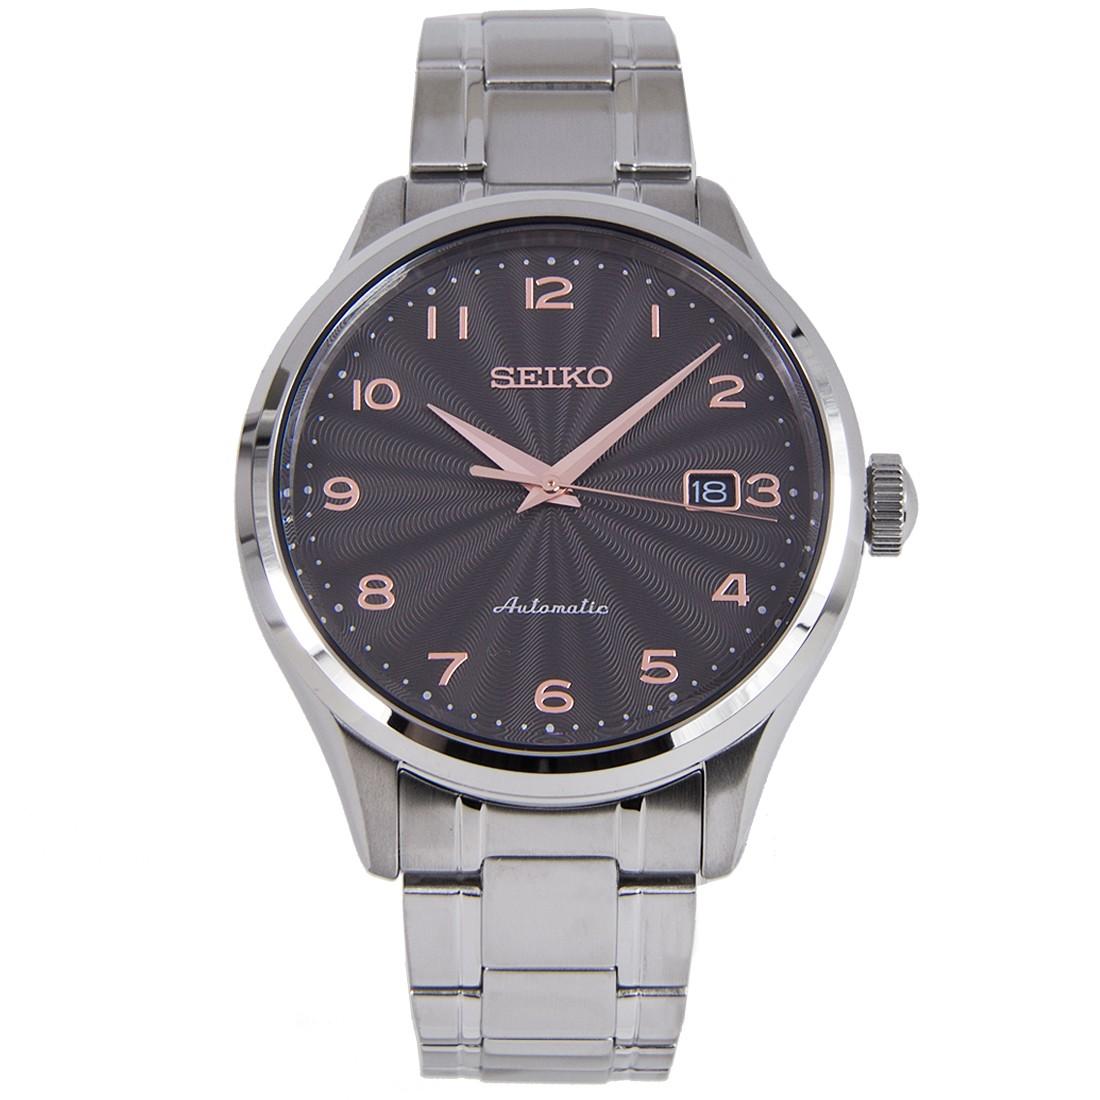 นาฬิกาผู้ชาย Seiko รุ่น SRPC19J1 (Made in Japan) Automatic Men's Watch